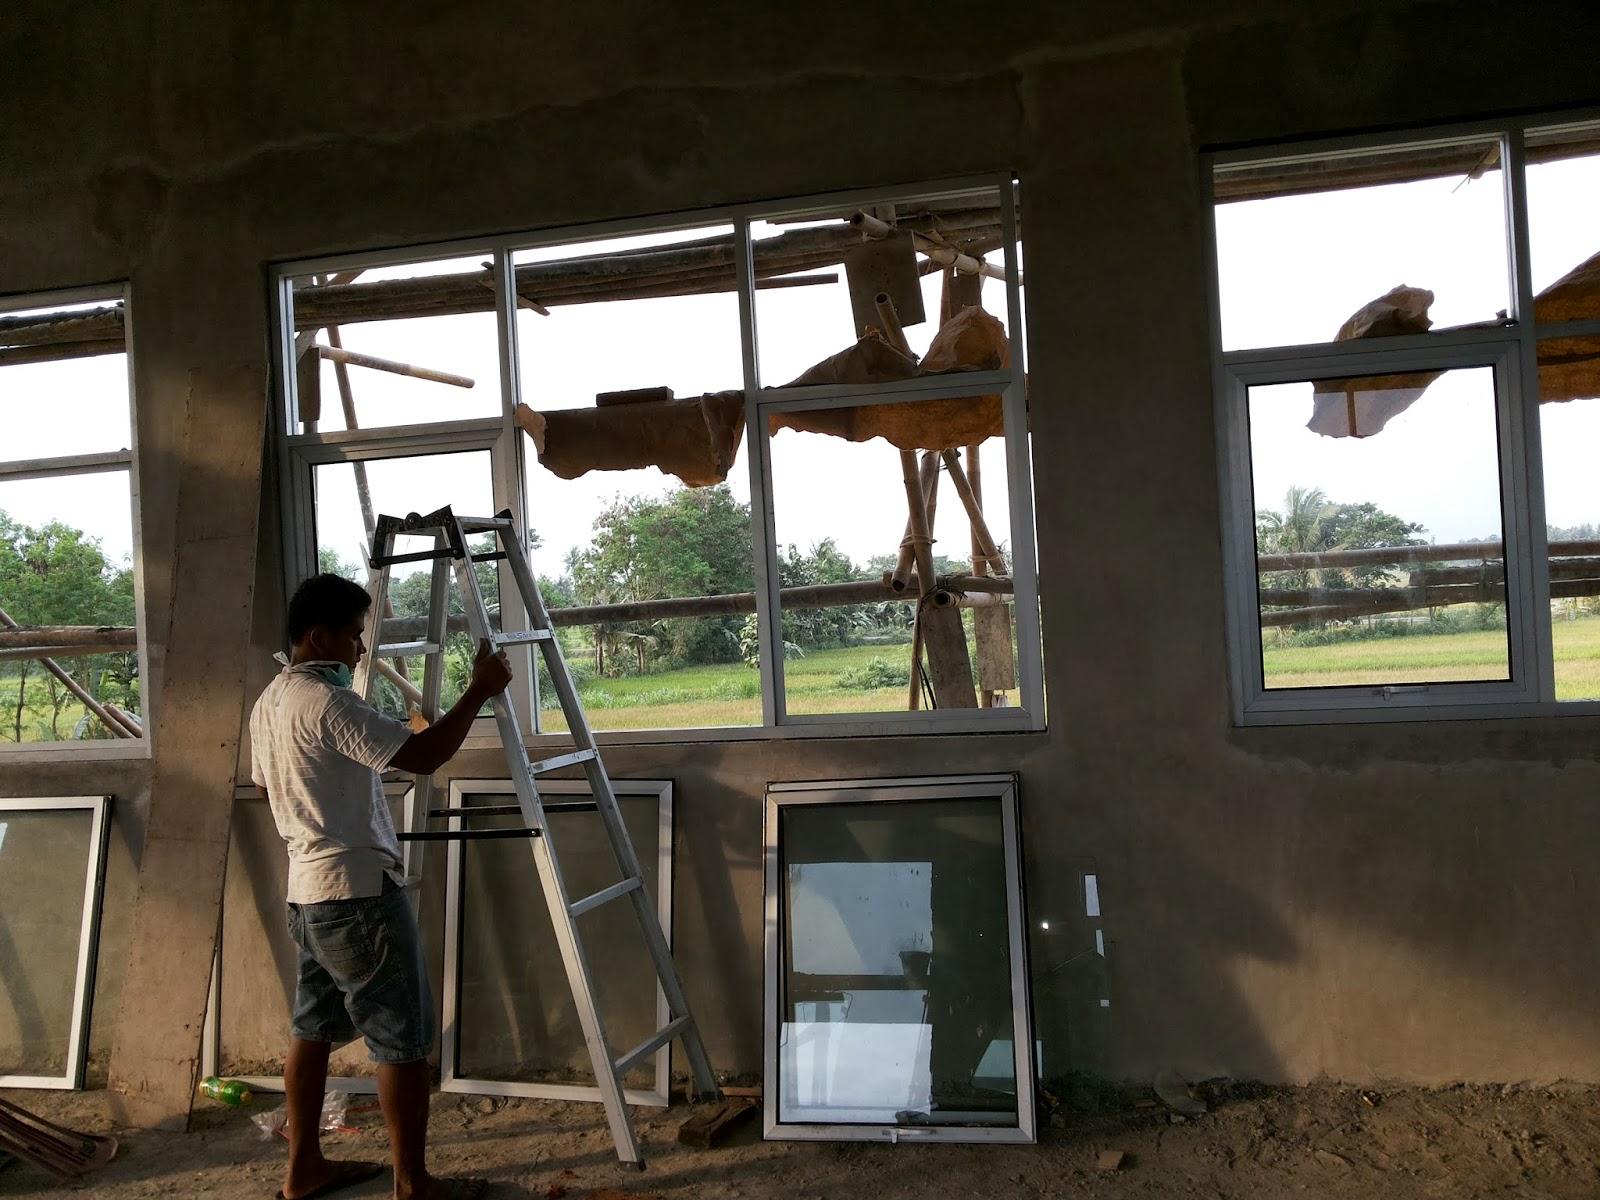 pemasnagan frame jendela di kusen aluminium